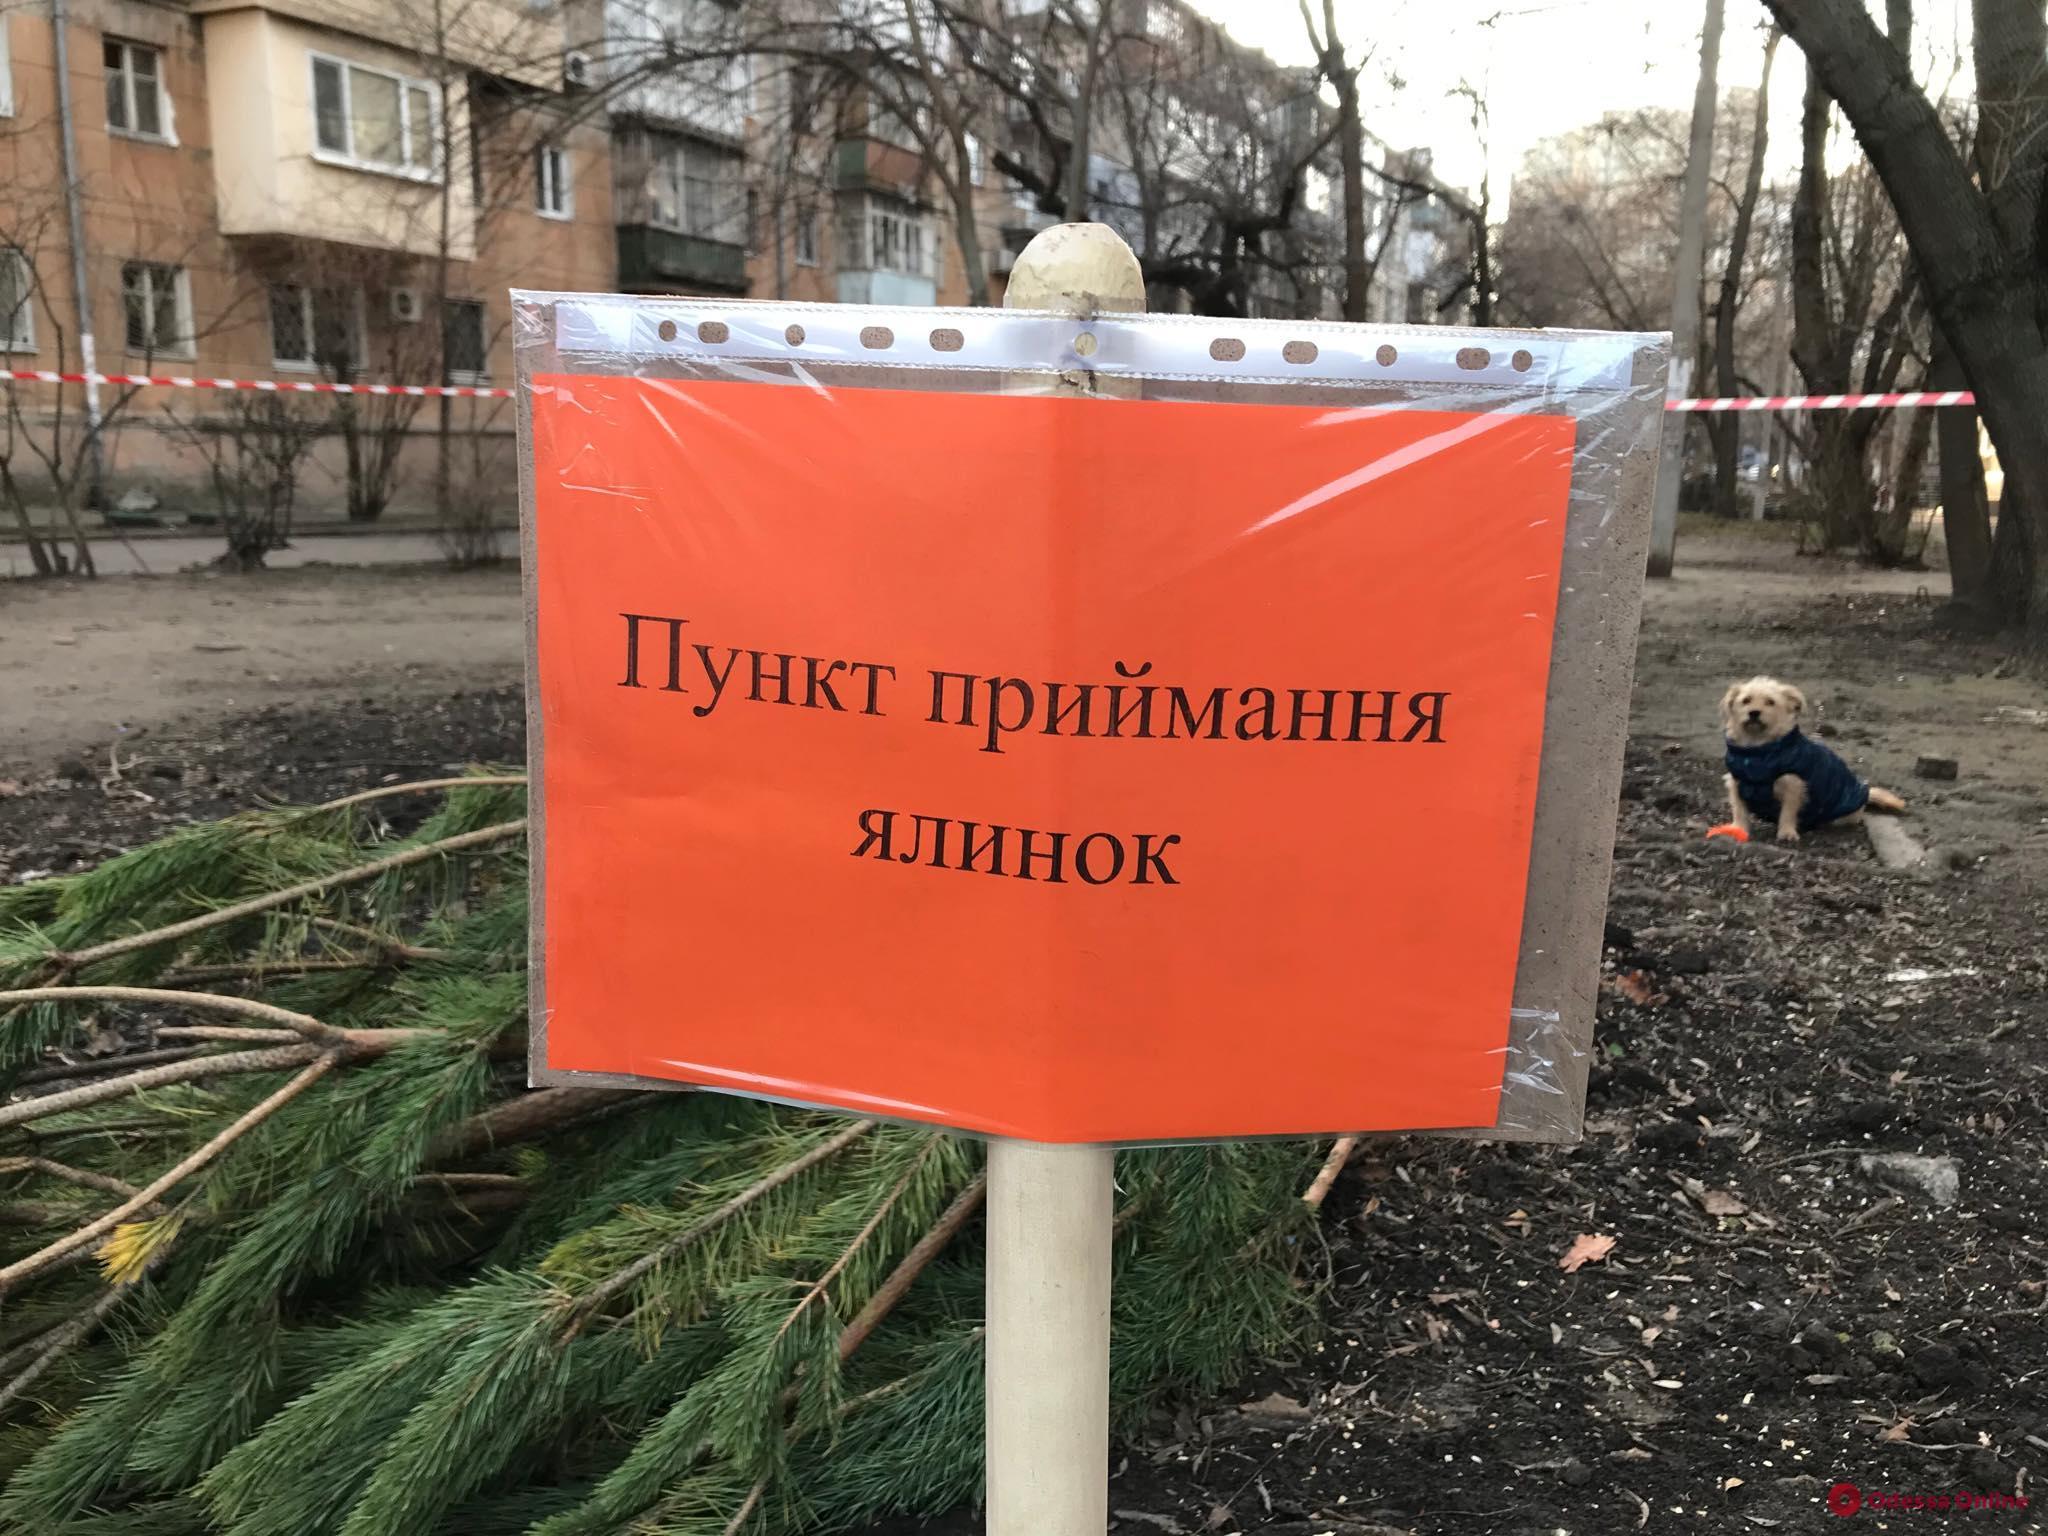 Одесса: обнародованы адреса пунктов приема елок